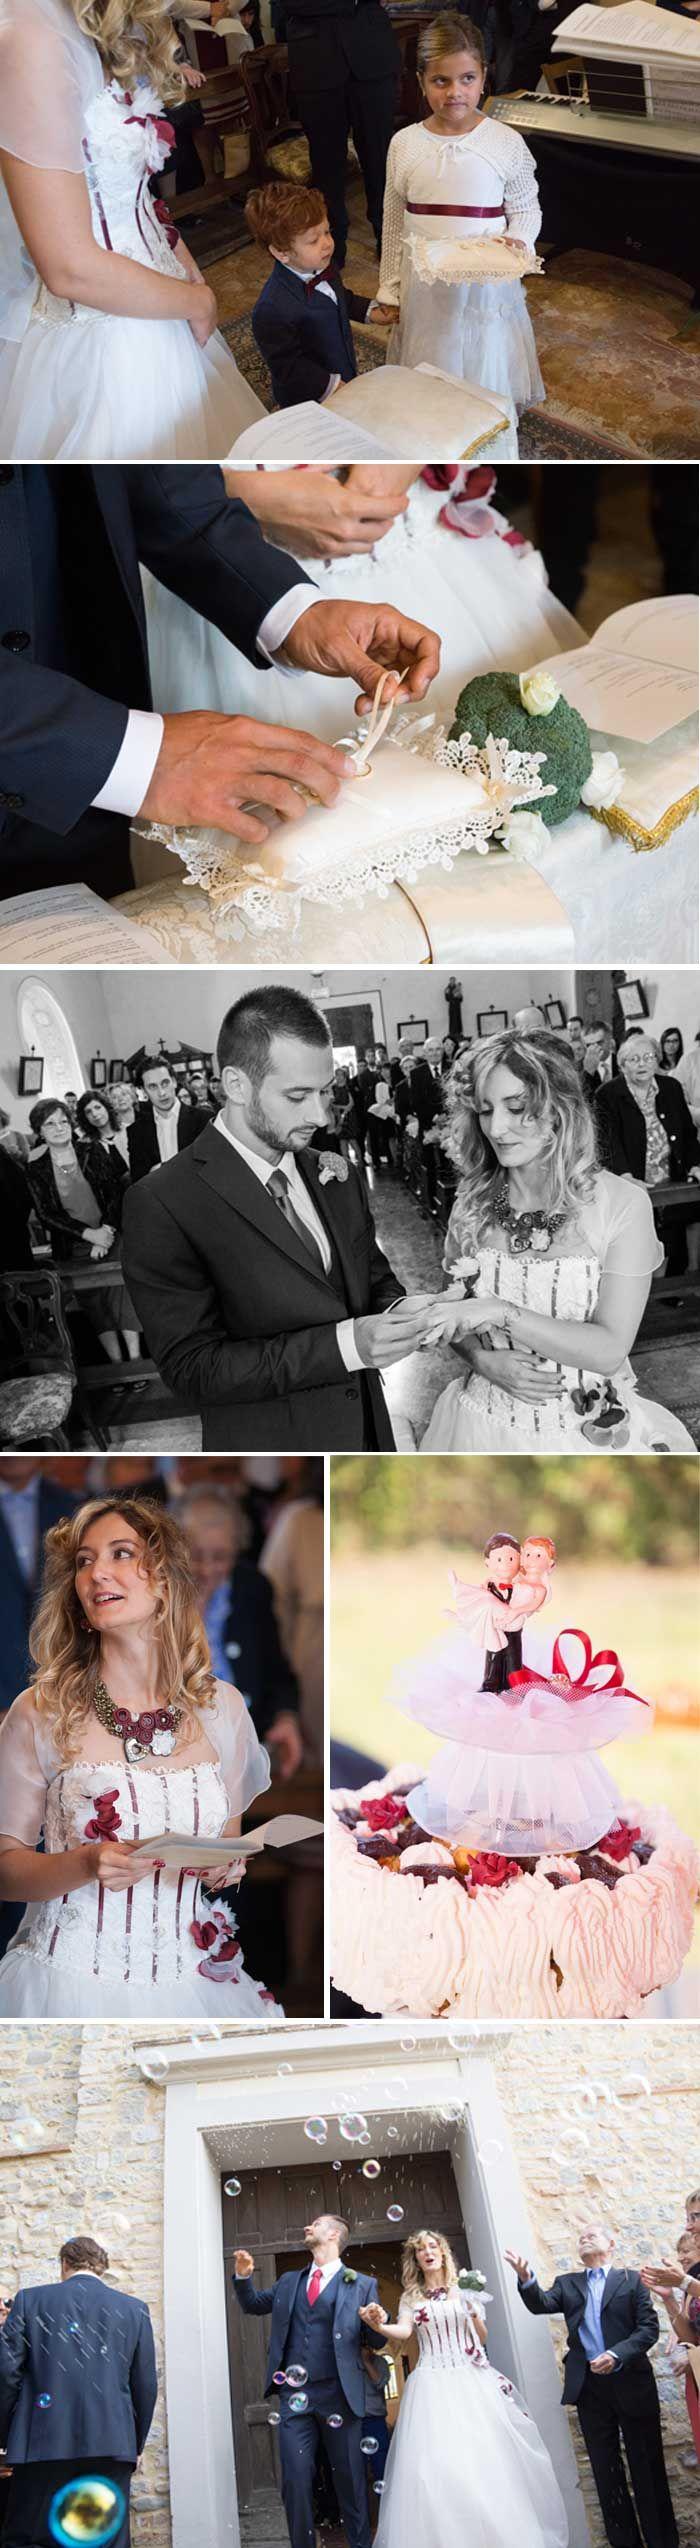 Sposarsi low cost: la testimonianza di Arianna & Marco I Blog della sposa oculata